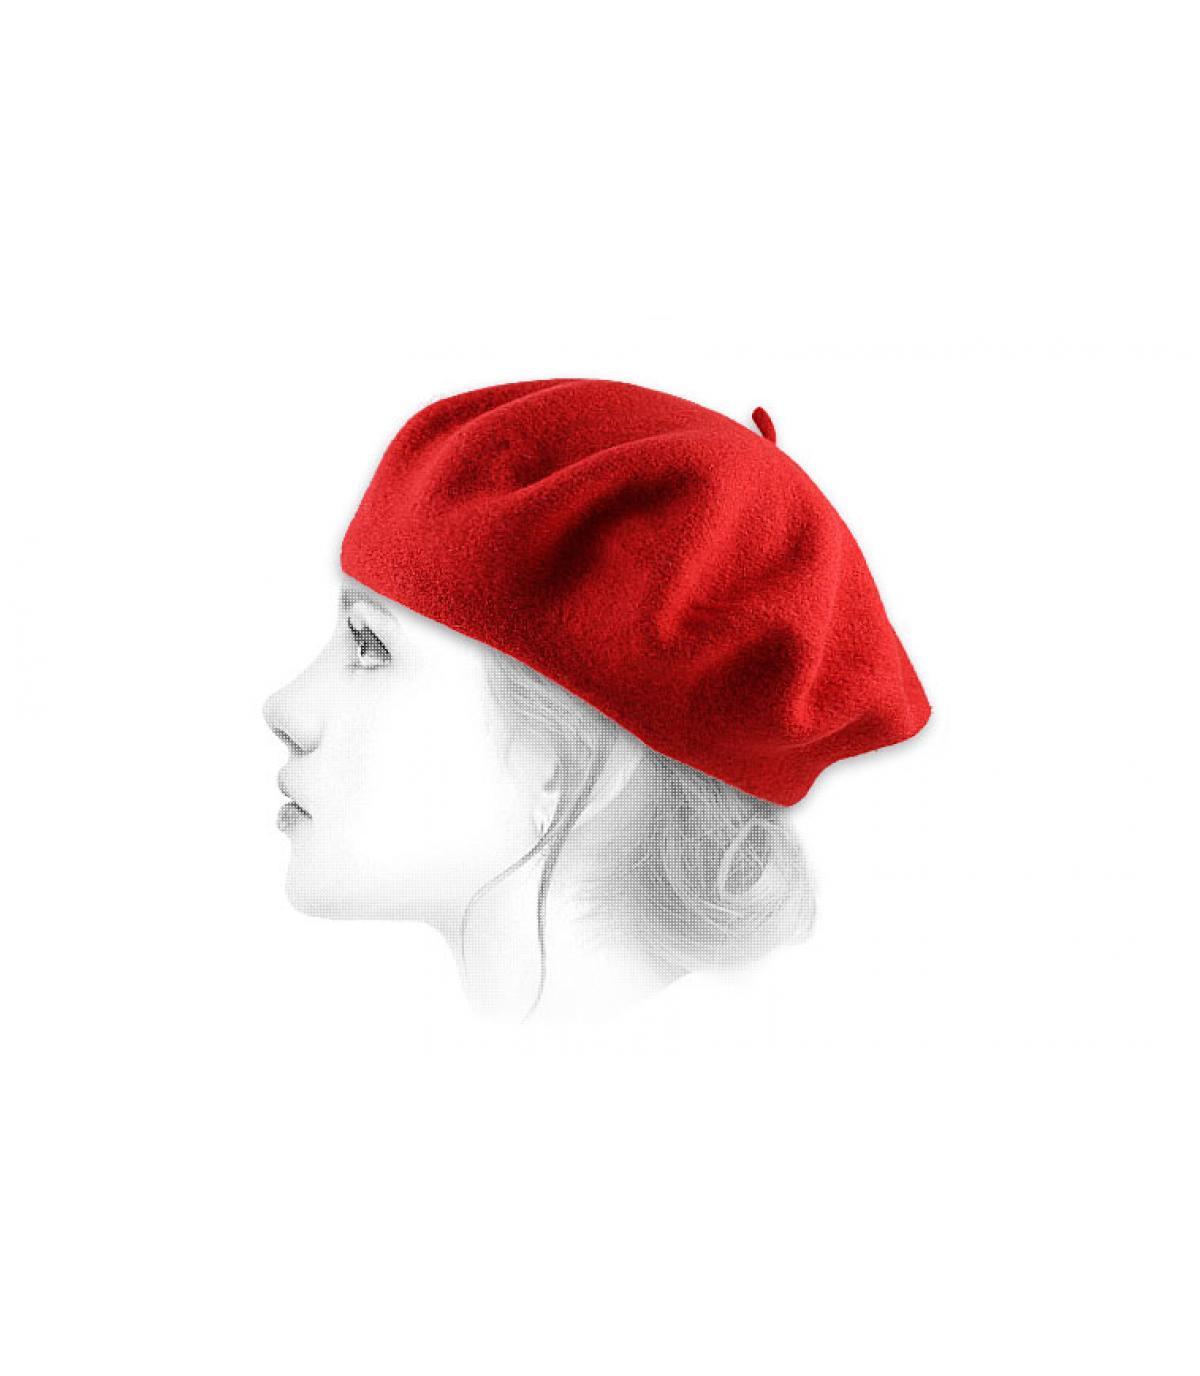 b ret femme rouge beret classique rouge par le b ret. Black Bedroom Furniture Sets. Home Design Ideas